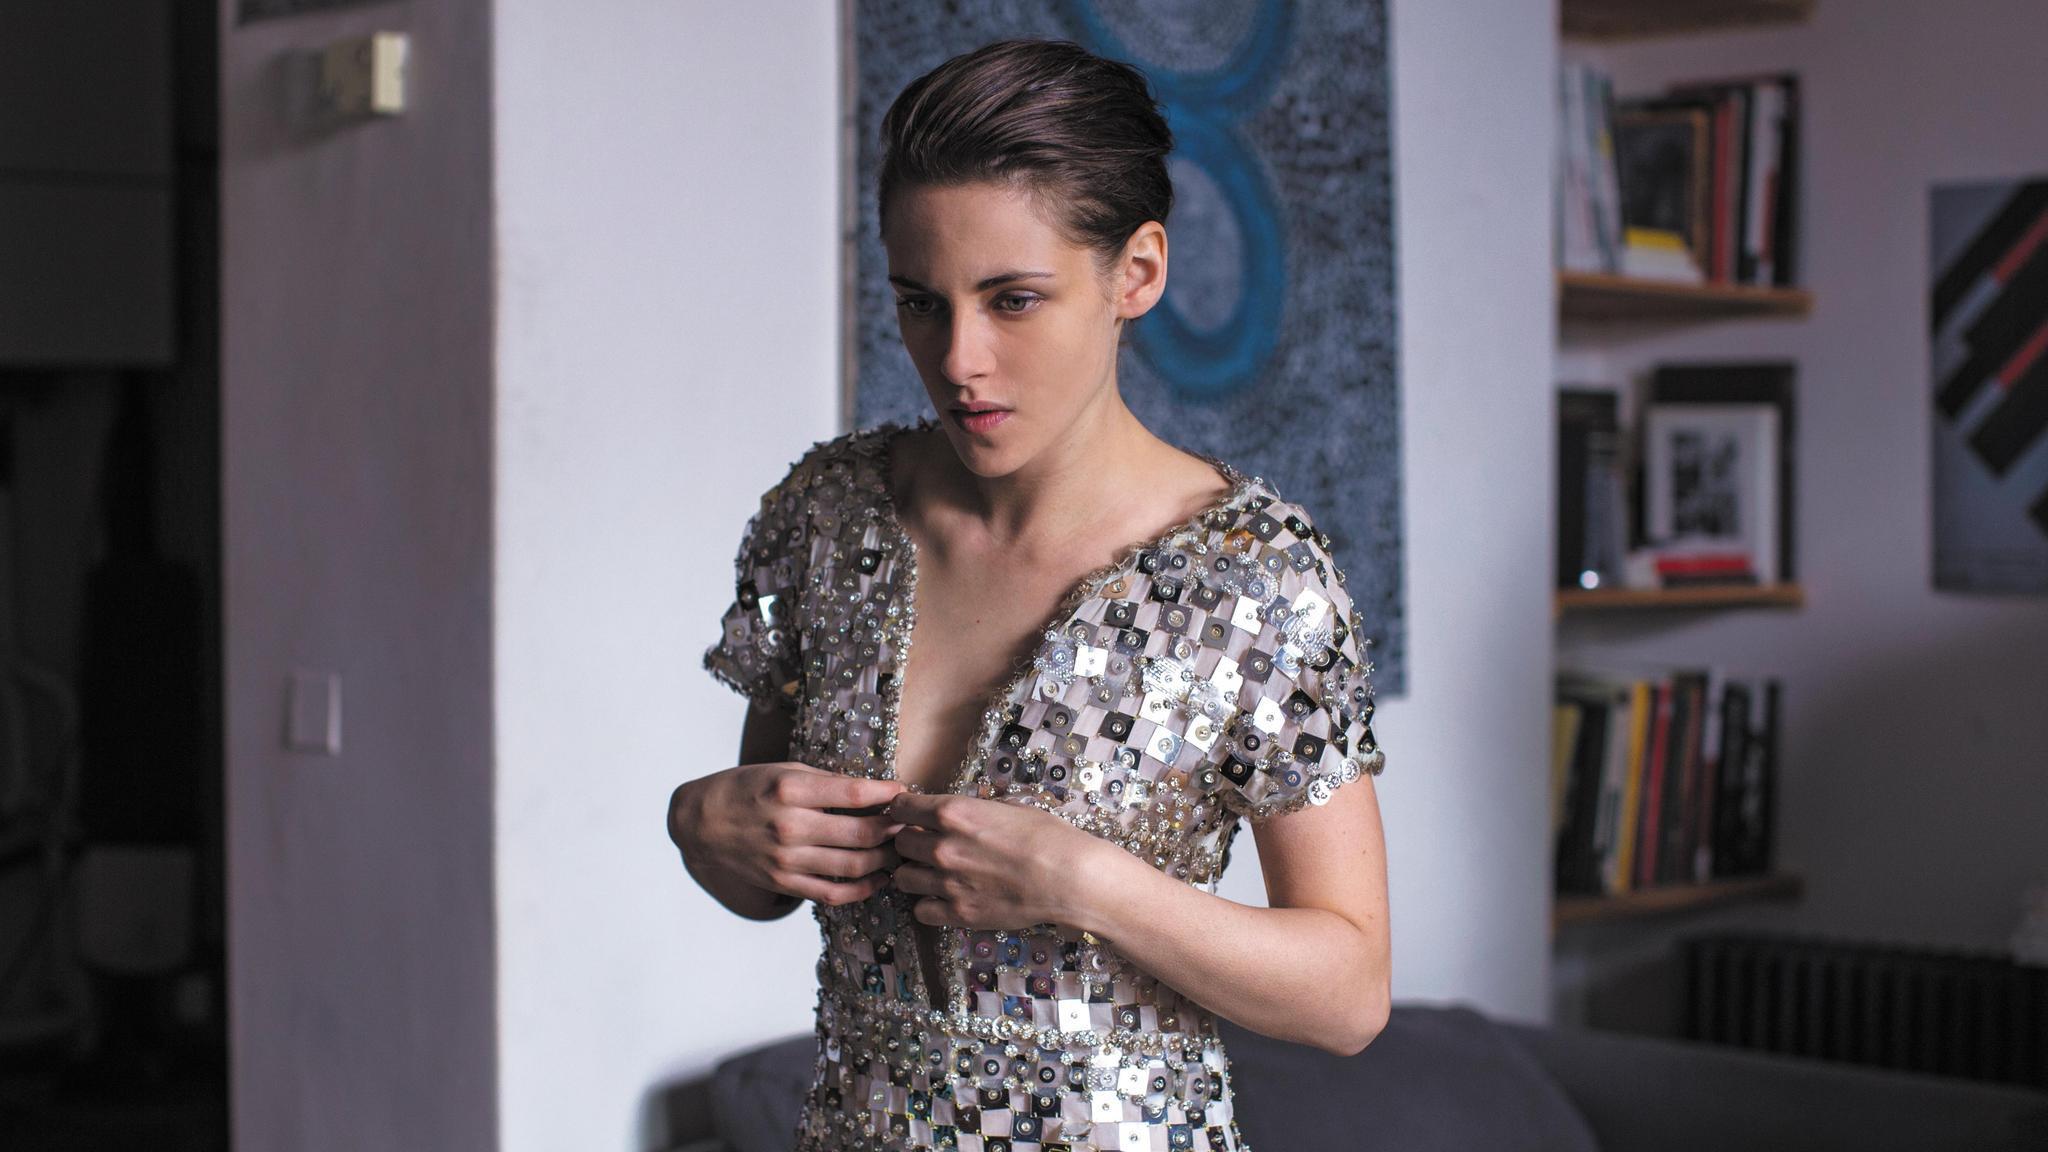 """Kristen Stewart in """"Personal Shopper."""" (MK2 Pictures)"""